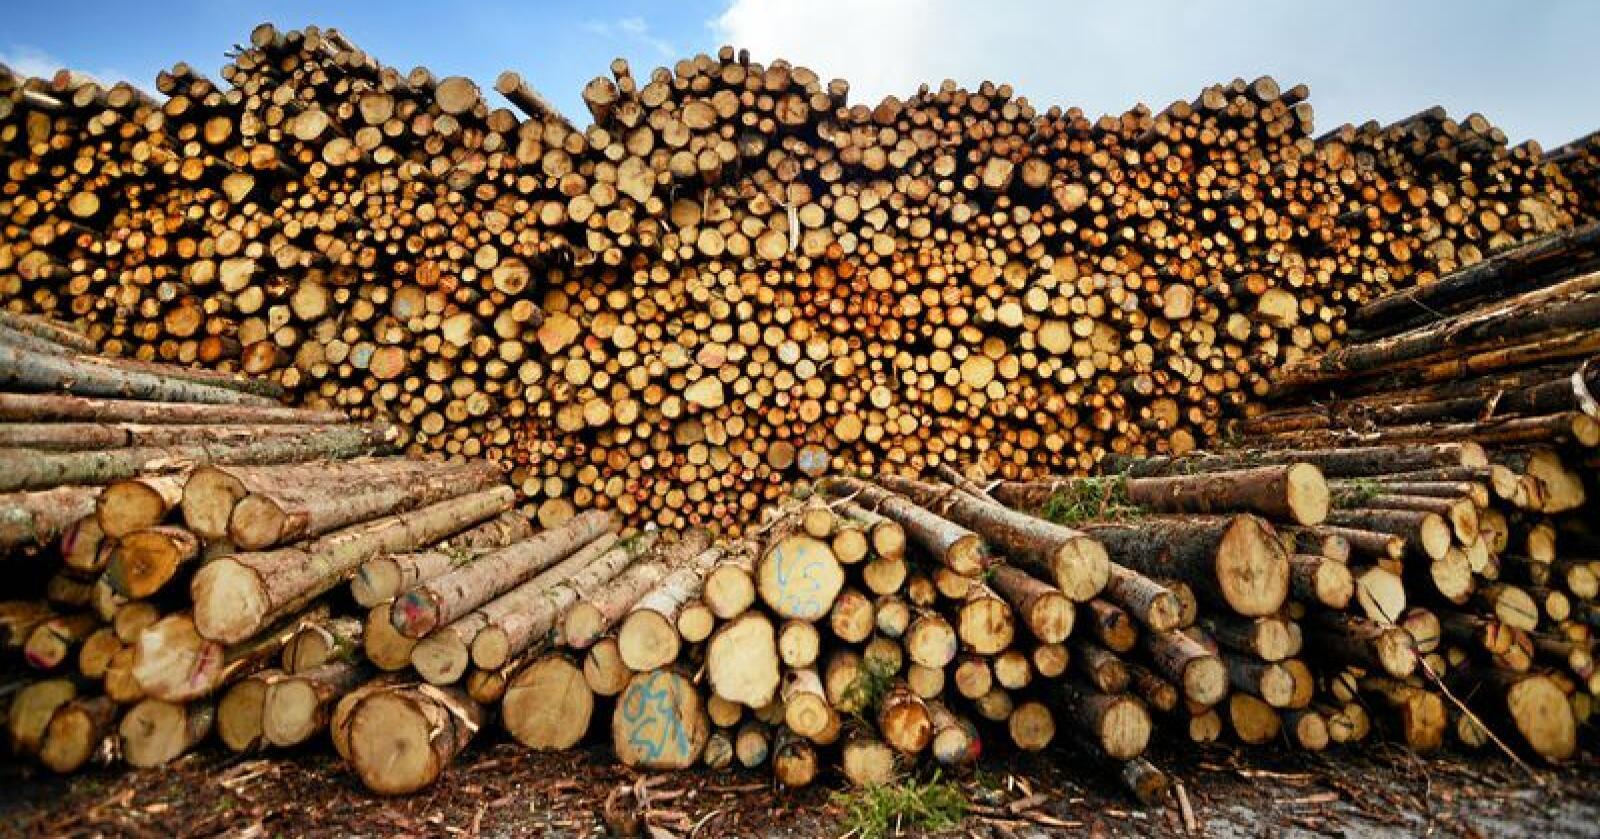 Skog kan brukes til å erstatte stål og betong som byggematerialer, i biodrivstoff og eller som råstoff i plast- og kjemikalieproduksjon. Foto: Siri Juell Rasmussen